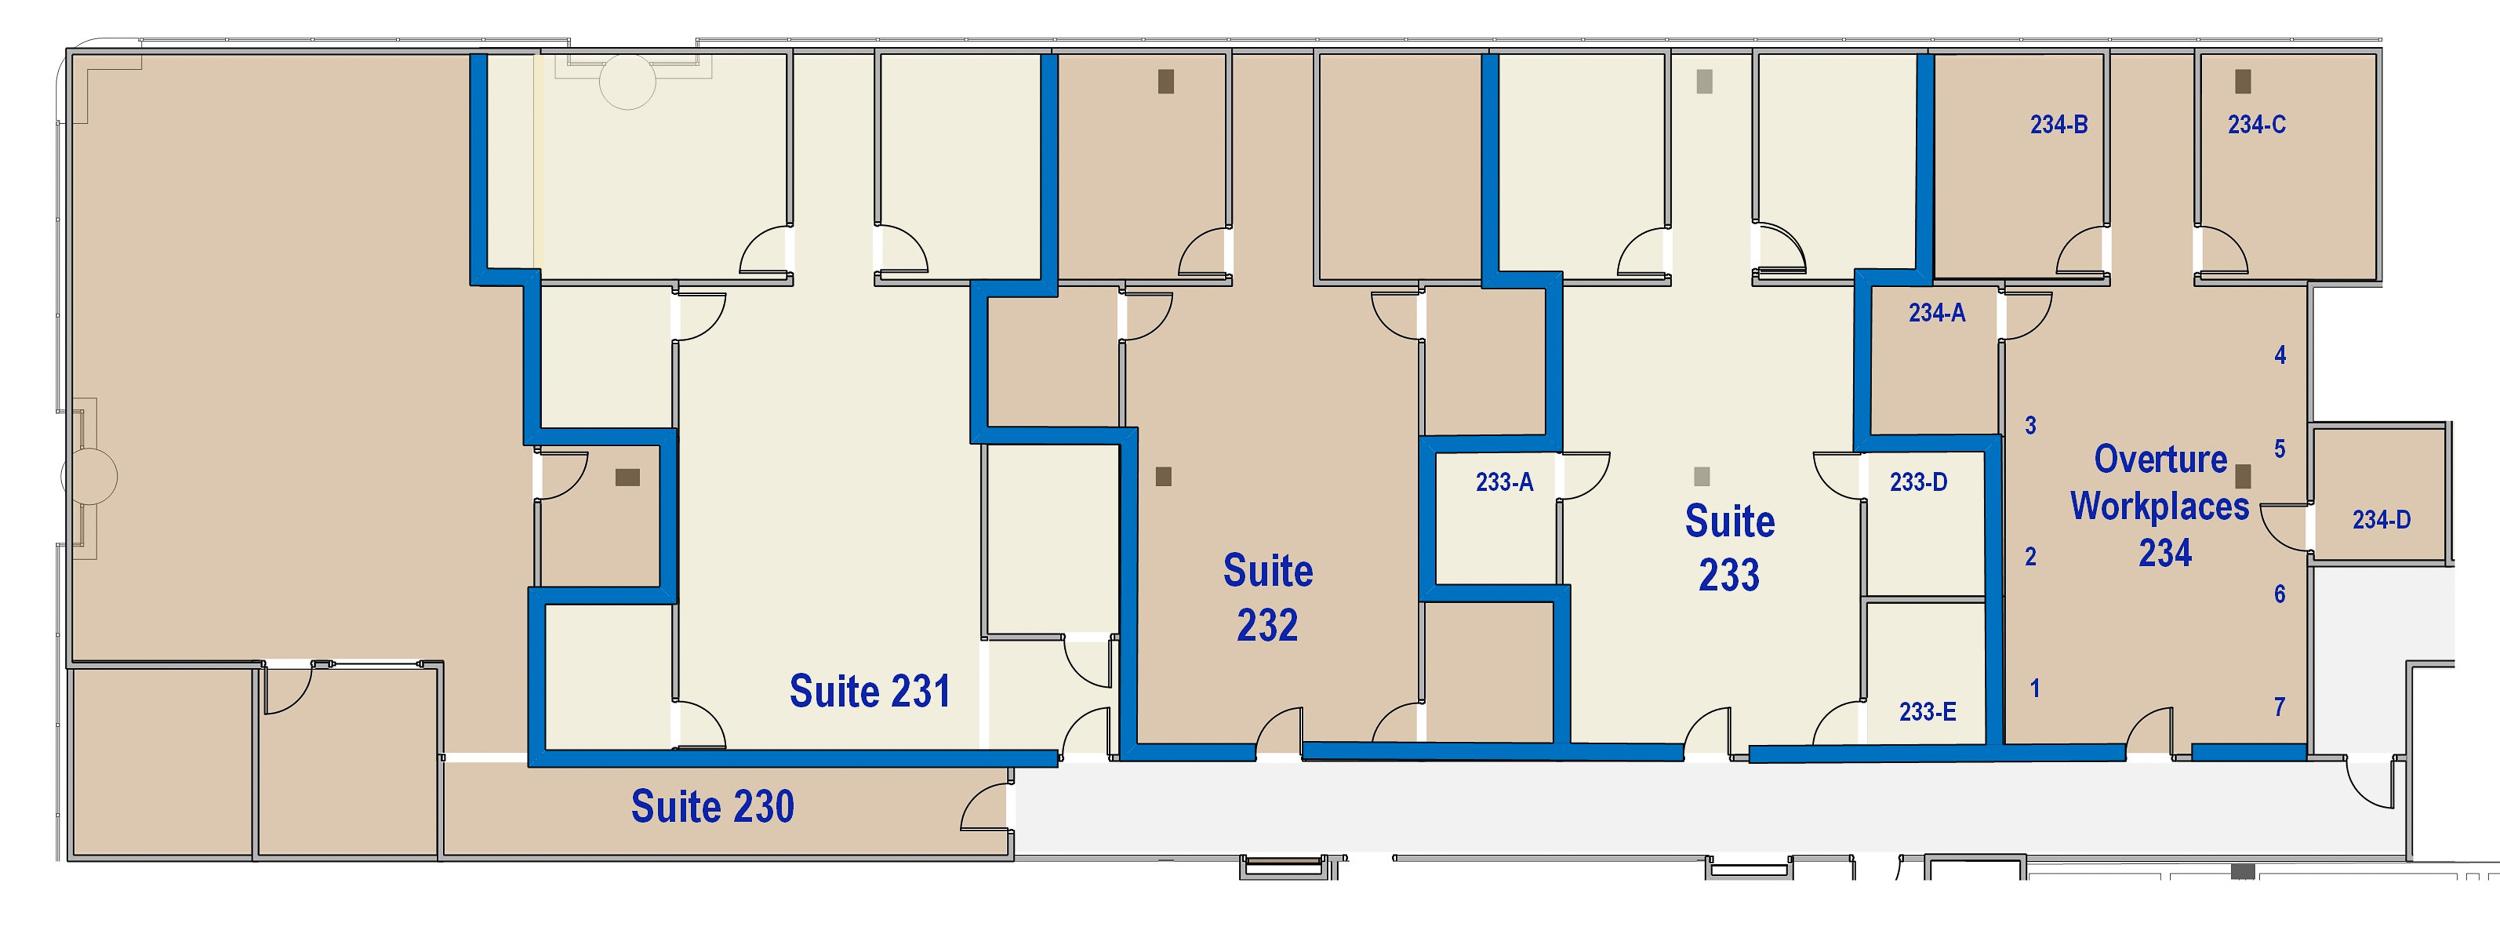 Westport Pre-Built Suites.jpg